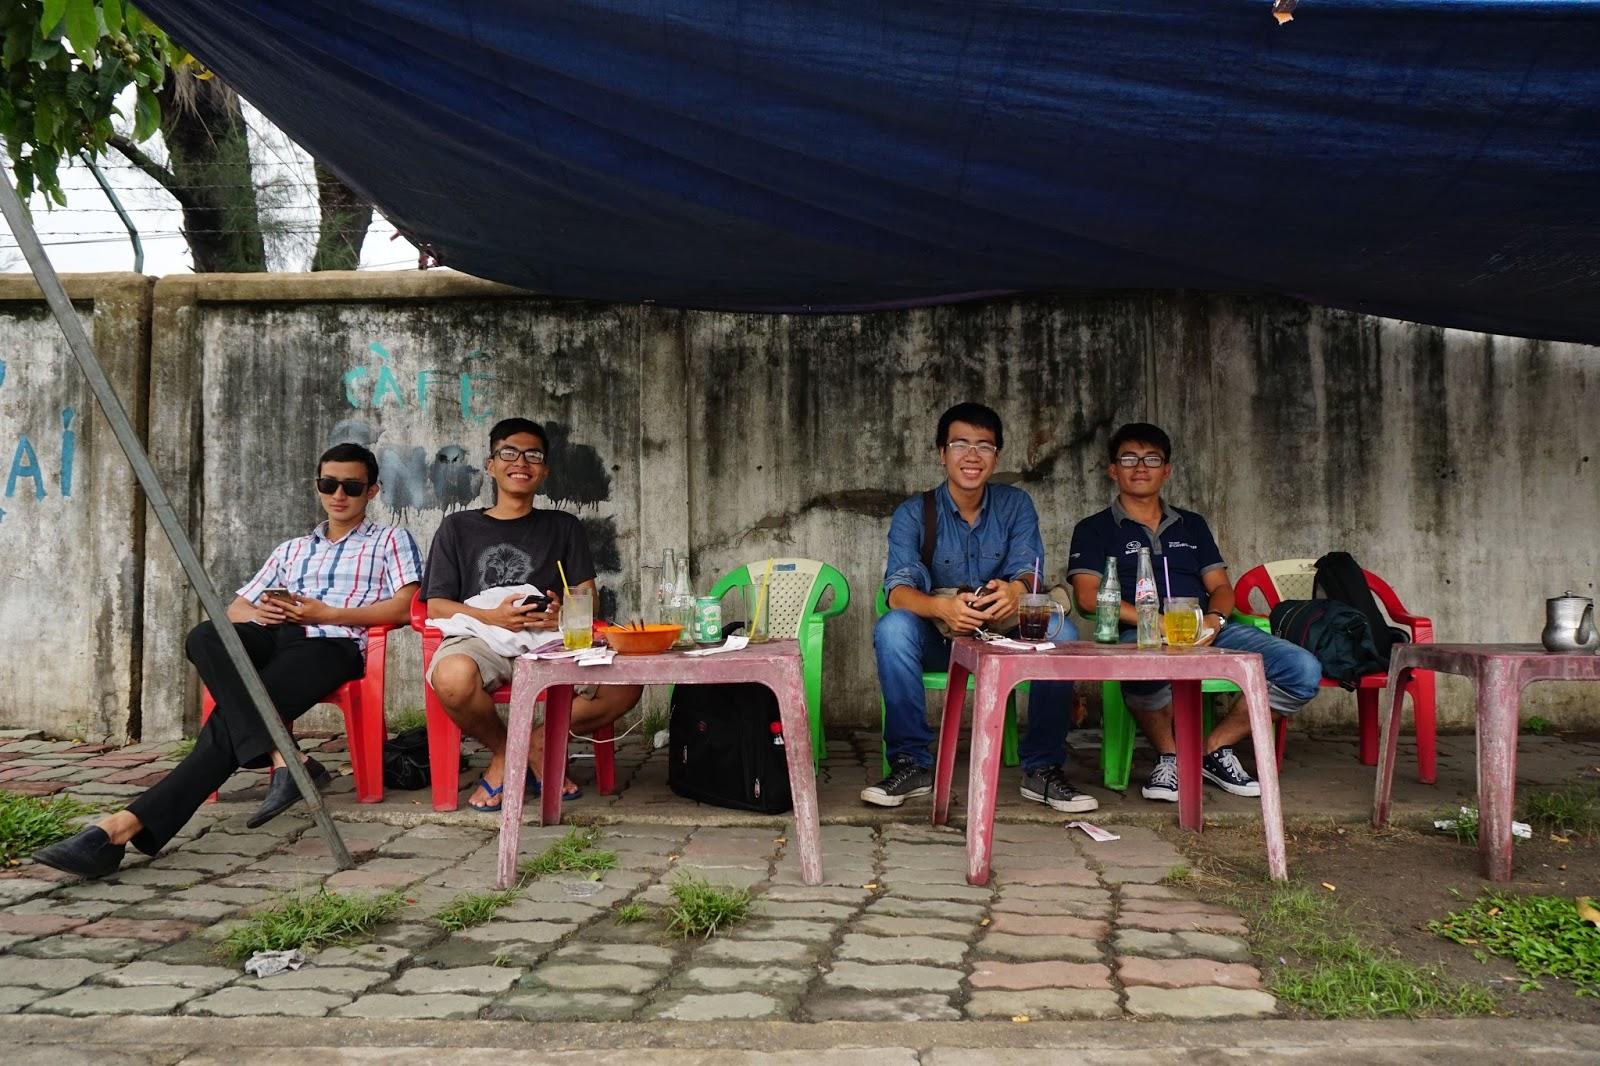 Từ trái sang phải, Trung Quang, Xuân Siêu Xe, Thế Anh, Thành Nhơn...đang ngồi hóng